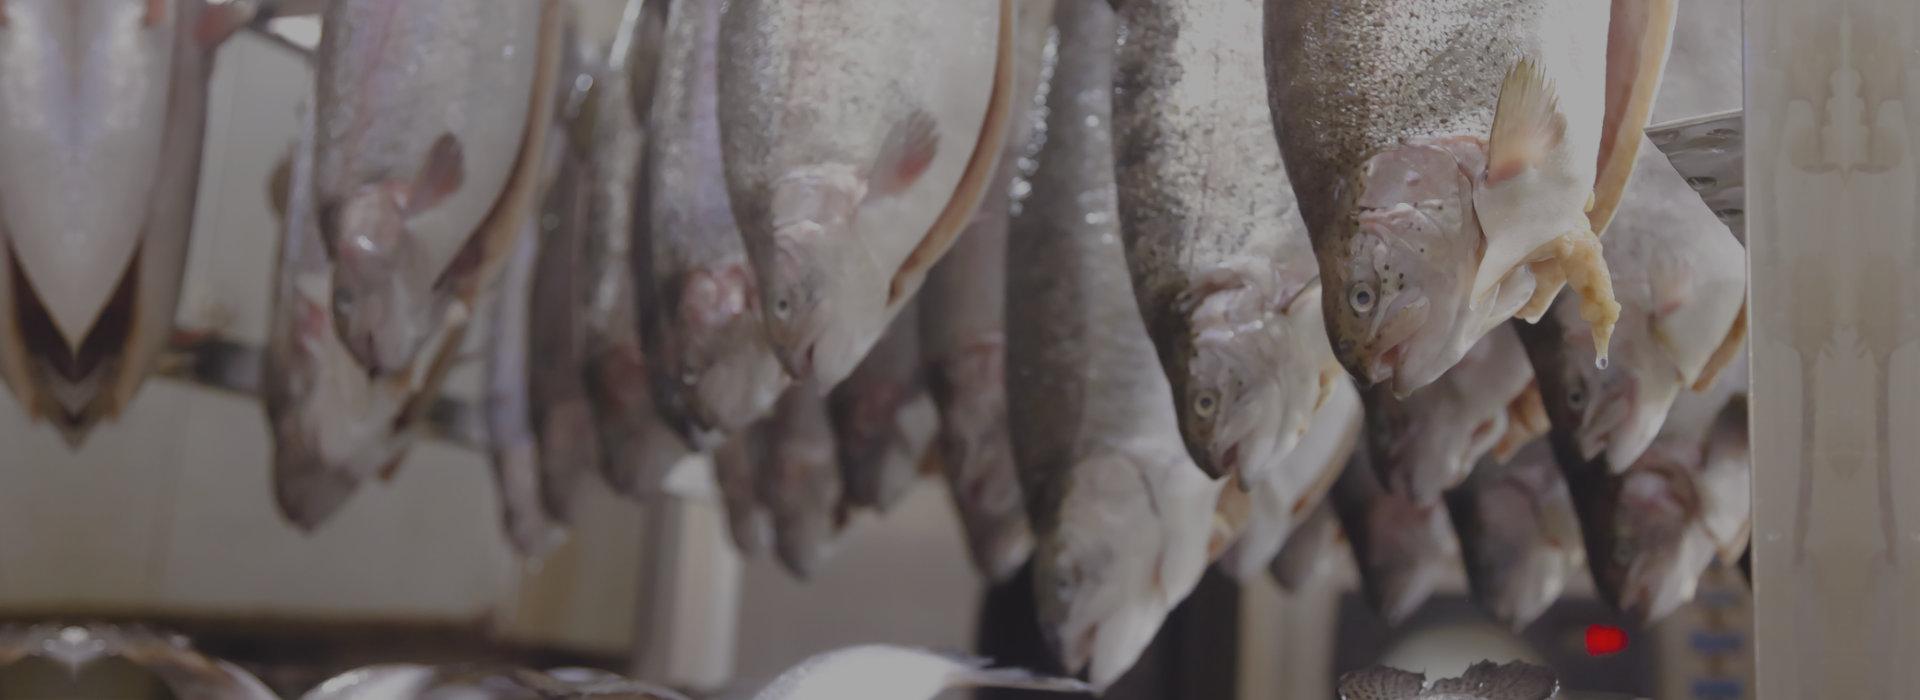 hanged smoked fish